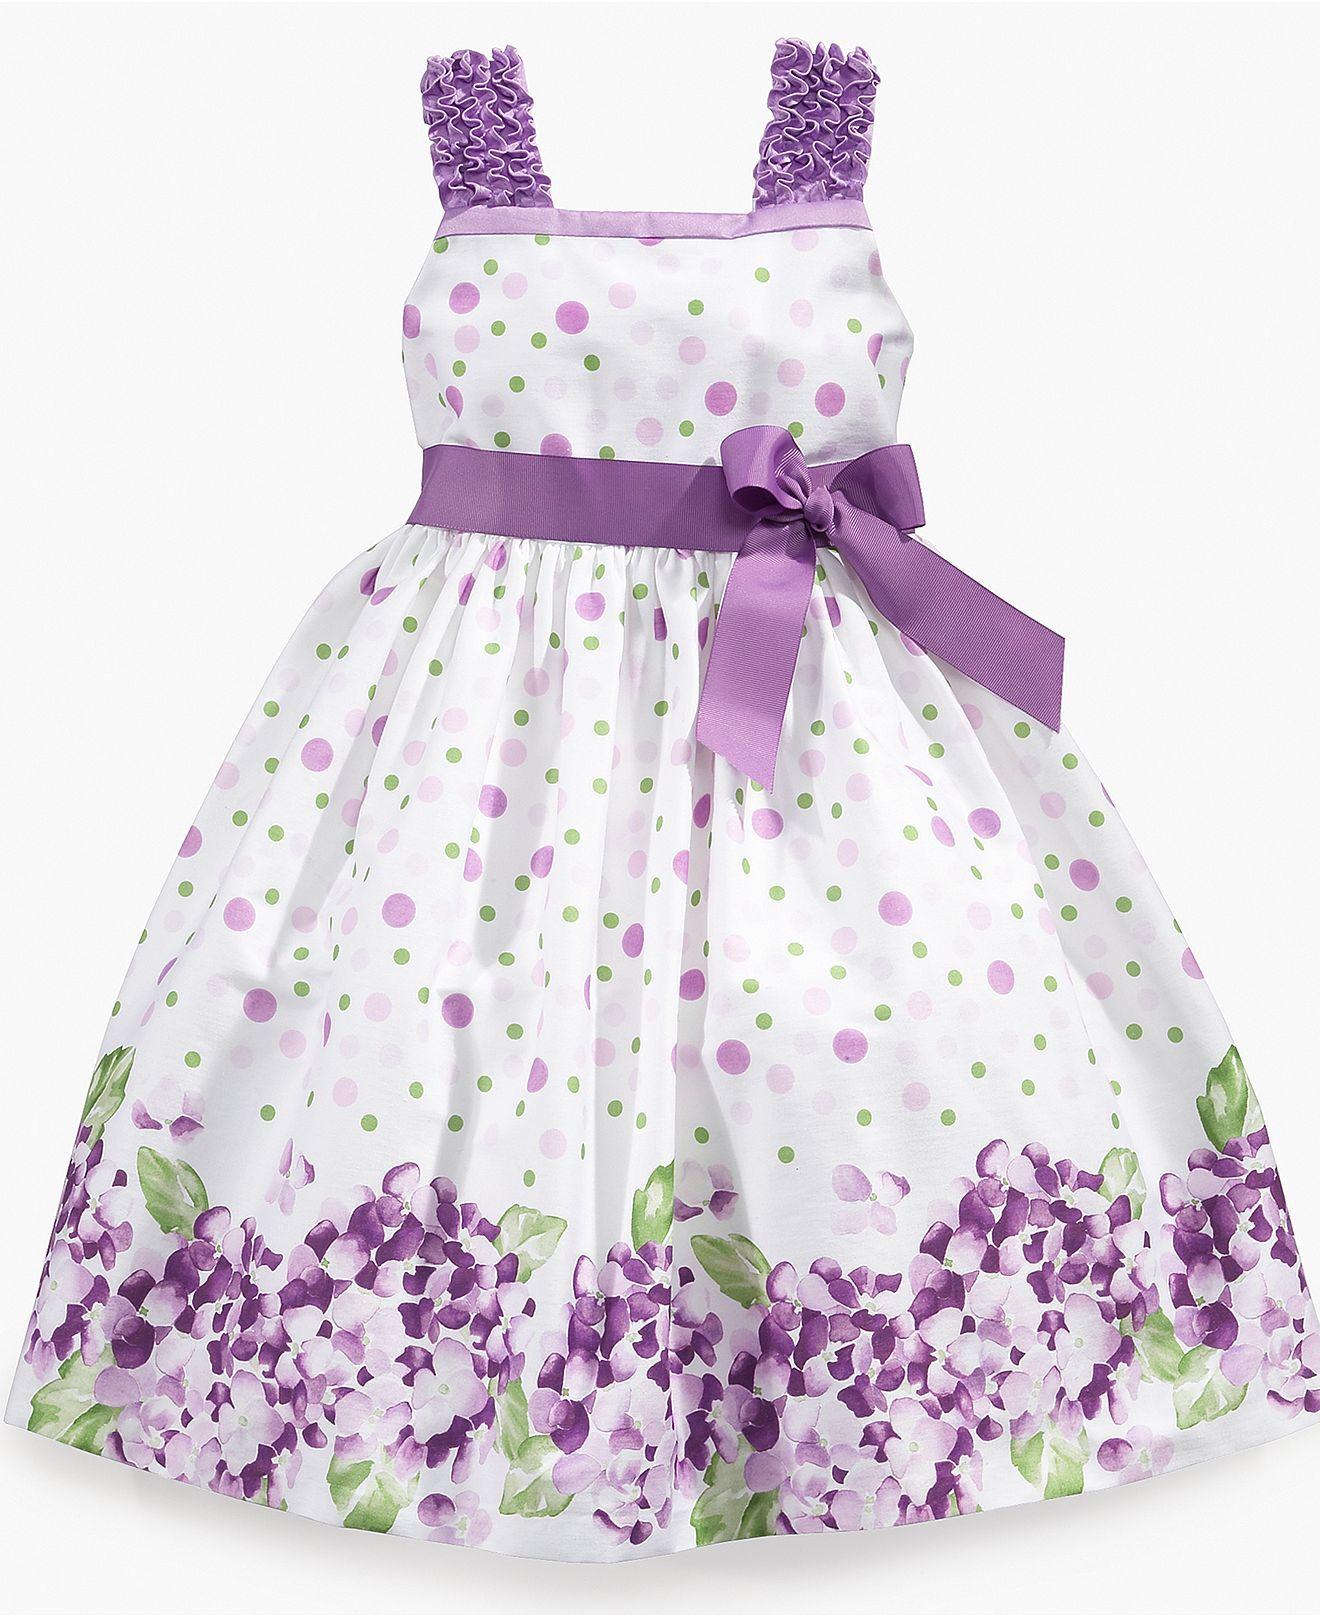 Выкройки платьев для девочек с оборками фото 334